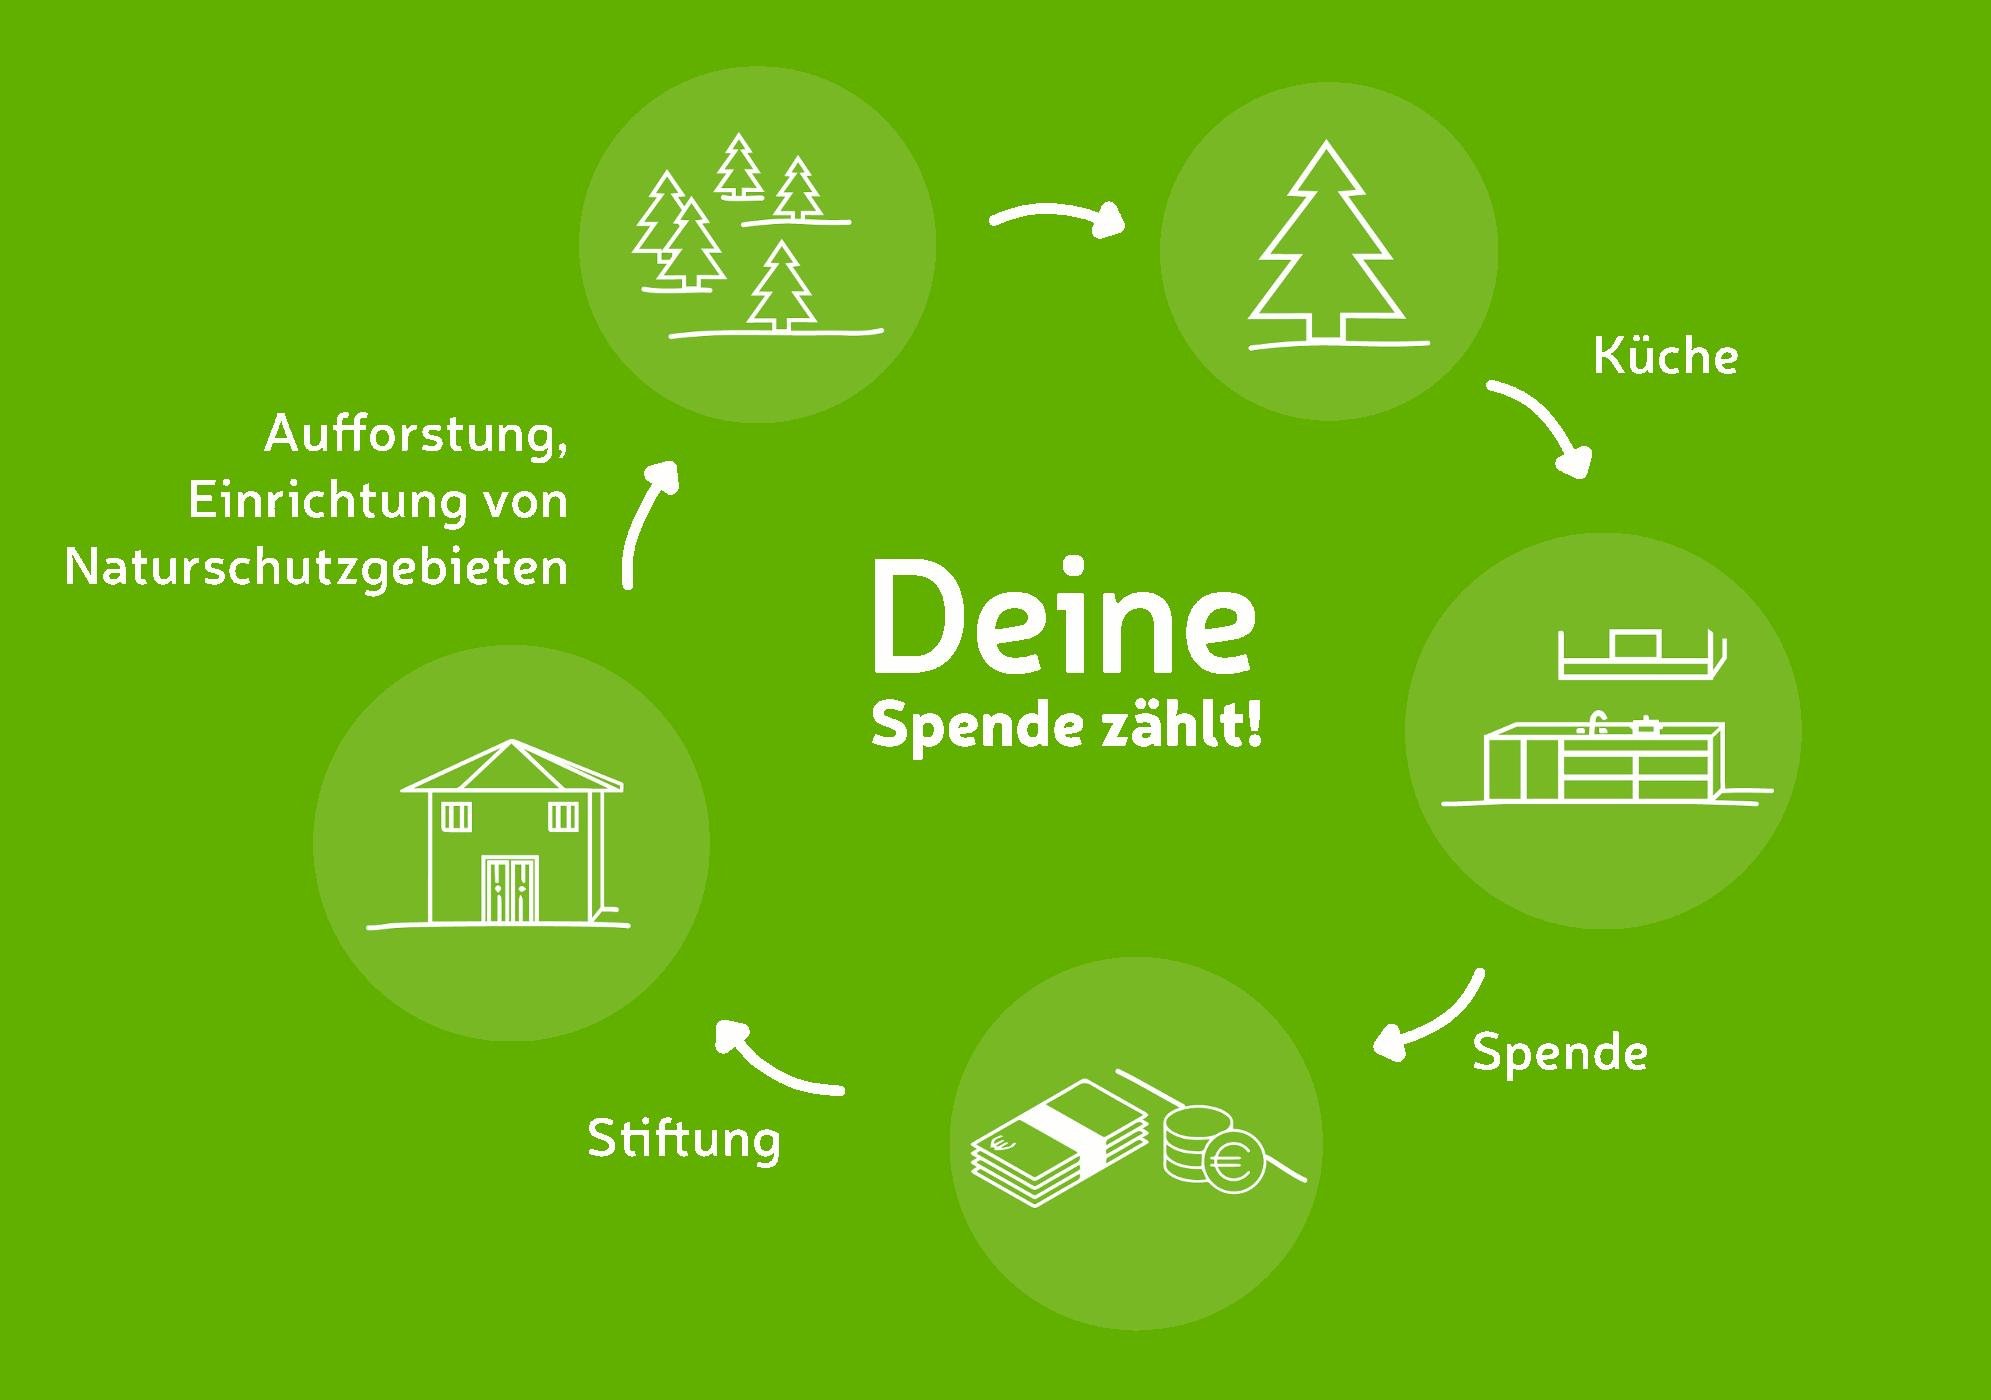 Schwarzwald Küchen – 200% CO20 kompensiert %